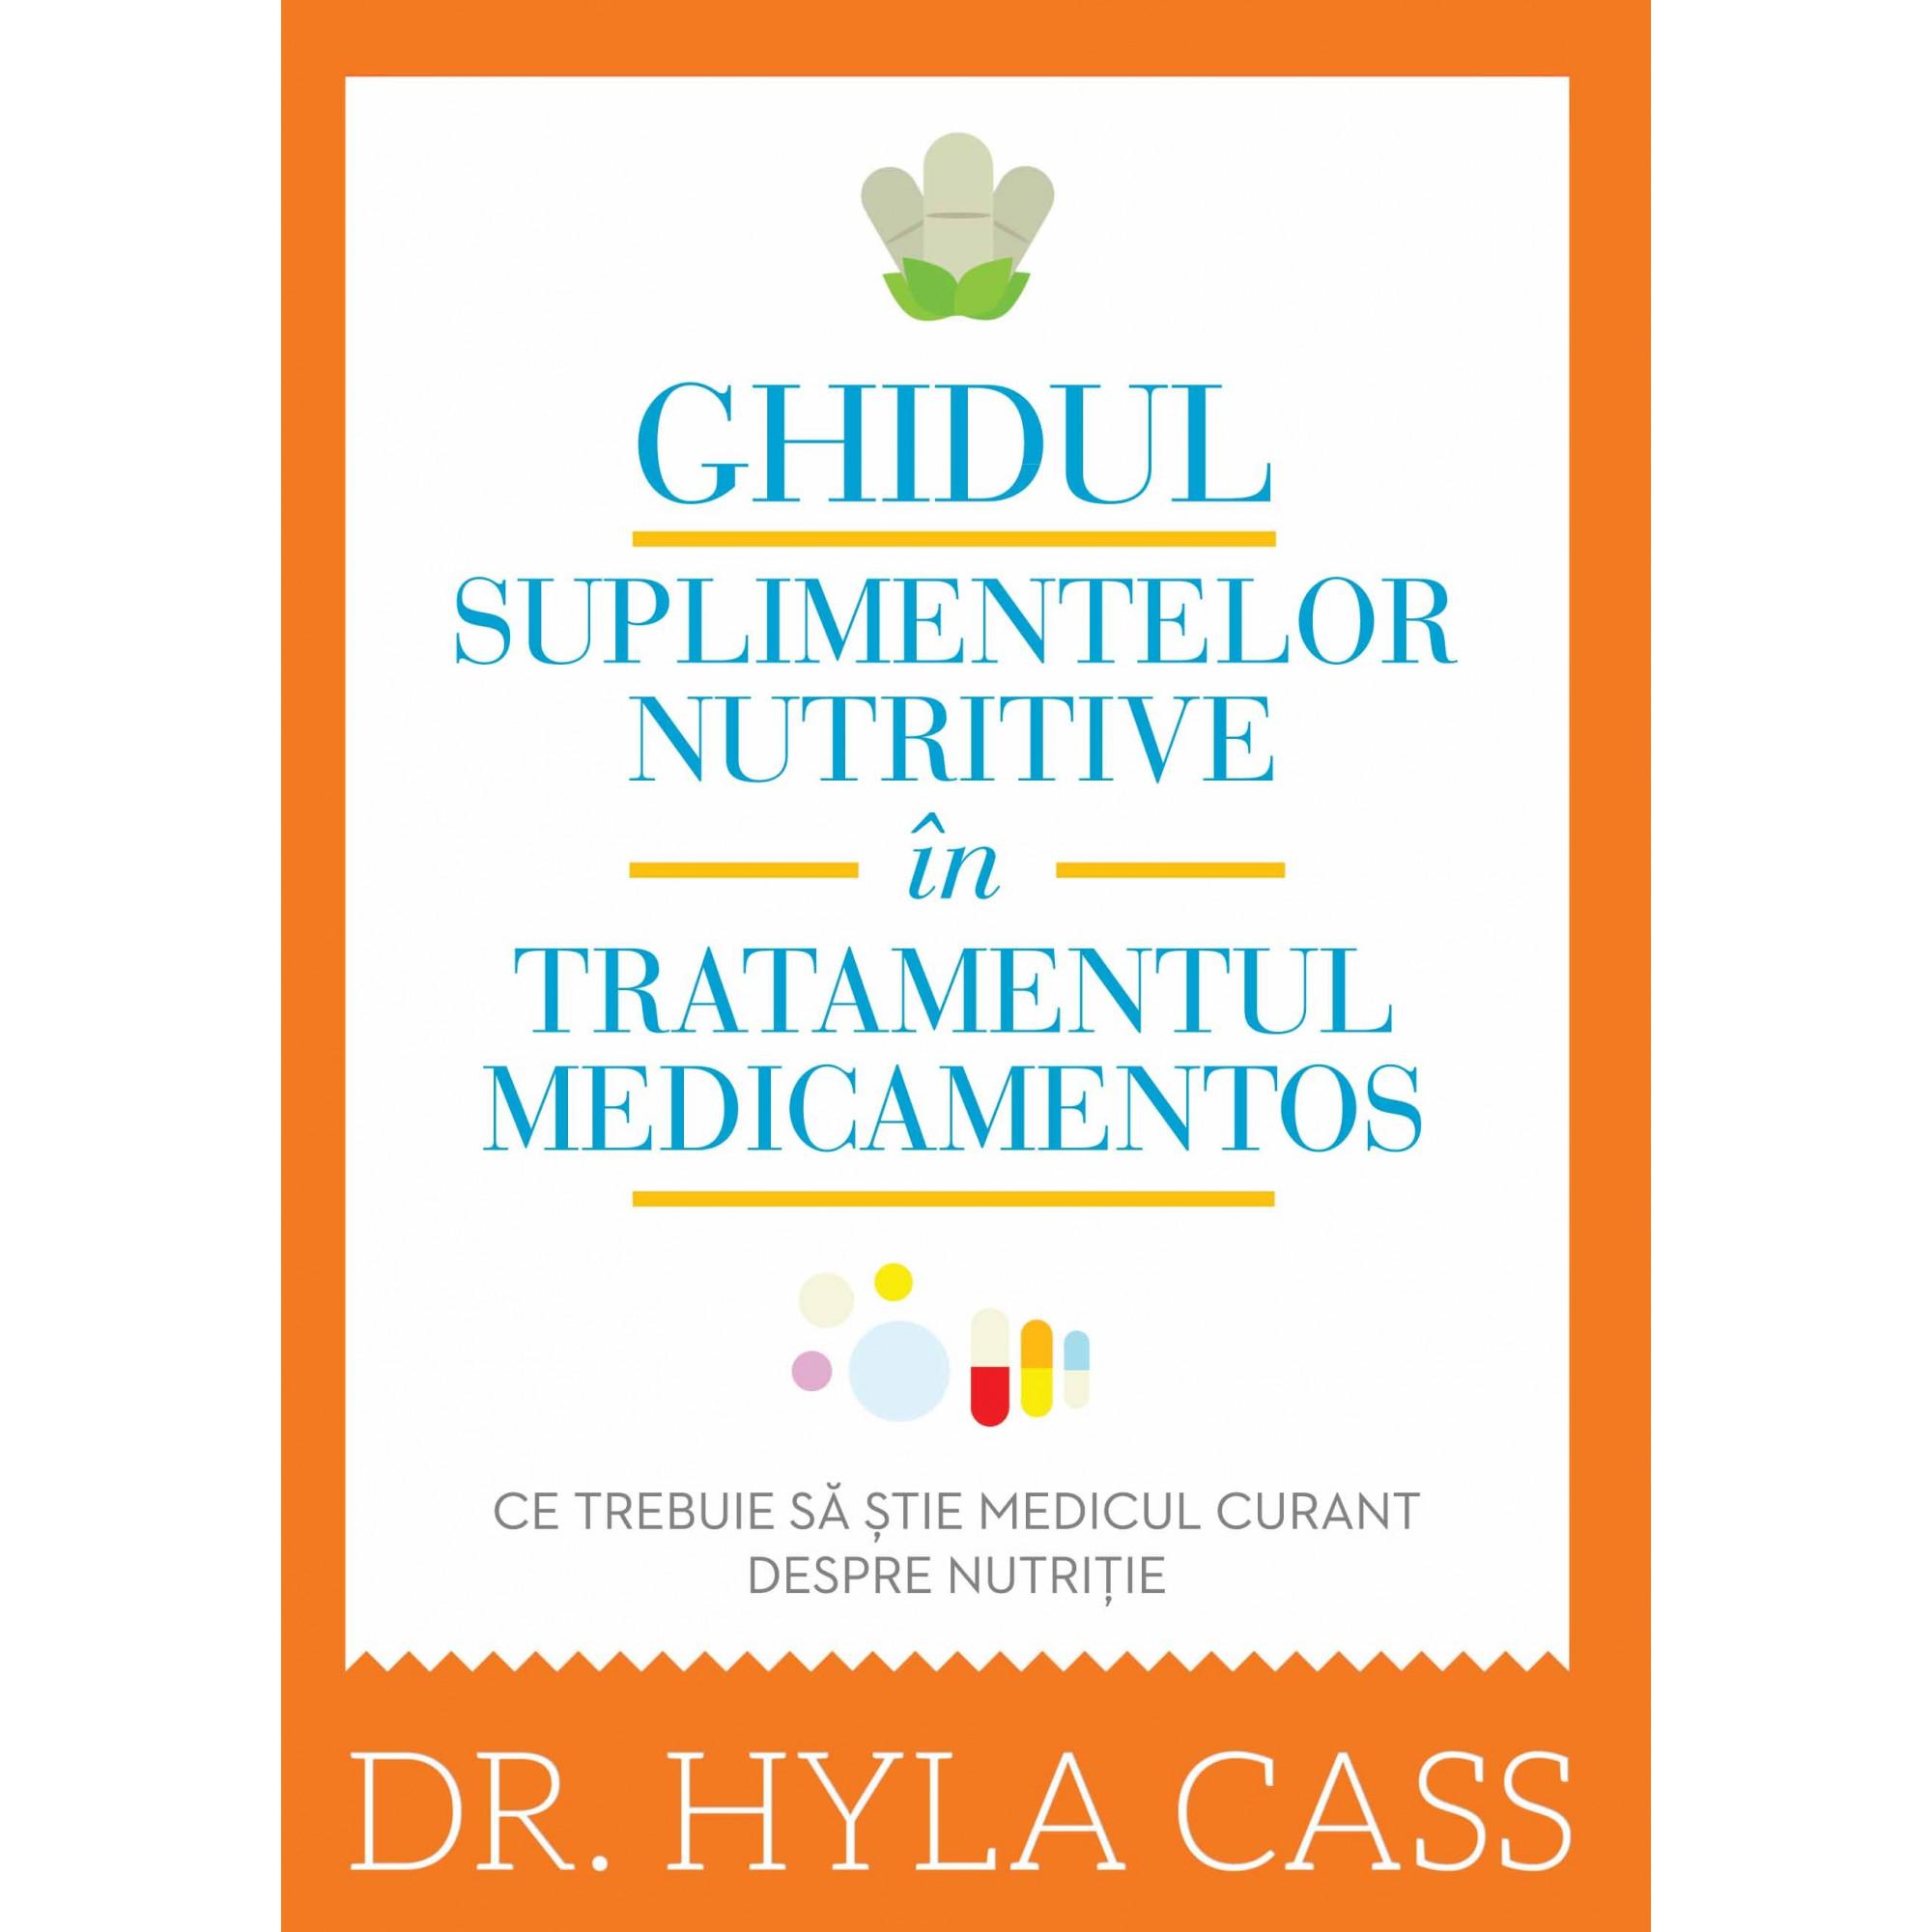 Ghidul suplimentelor nutritive în tratamentul medicamentos; Dr. Hyla Cass